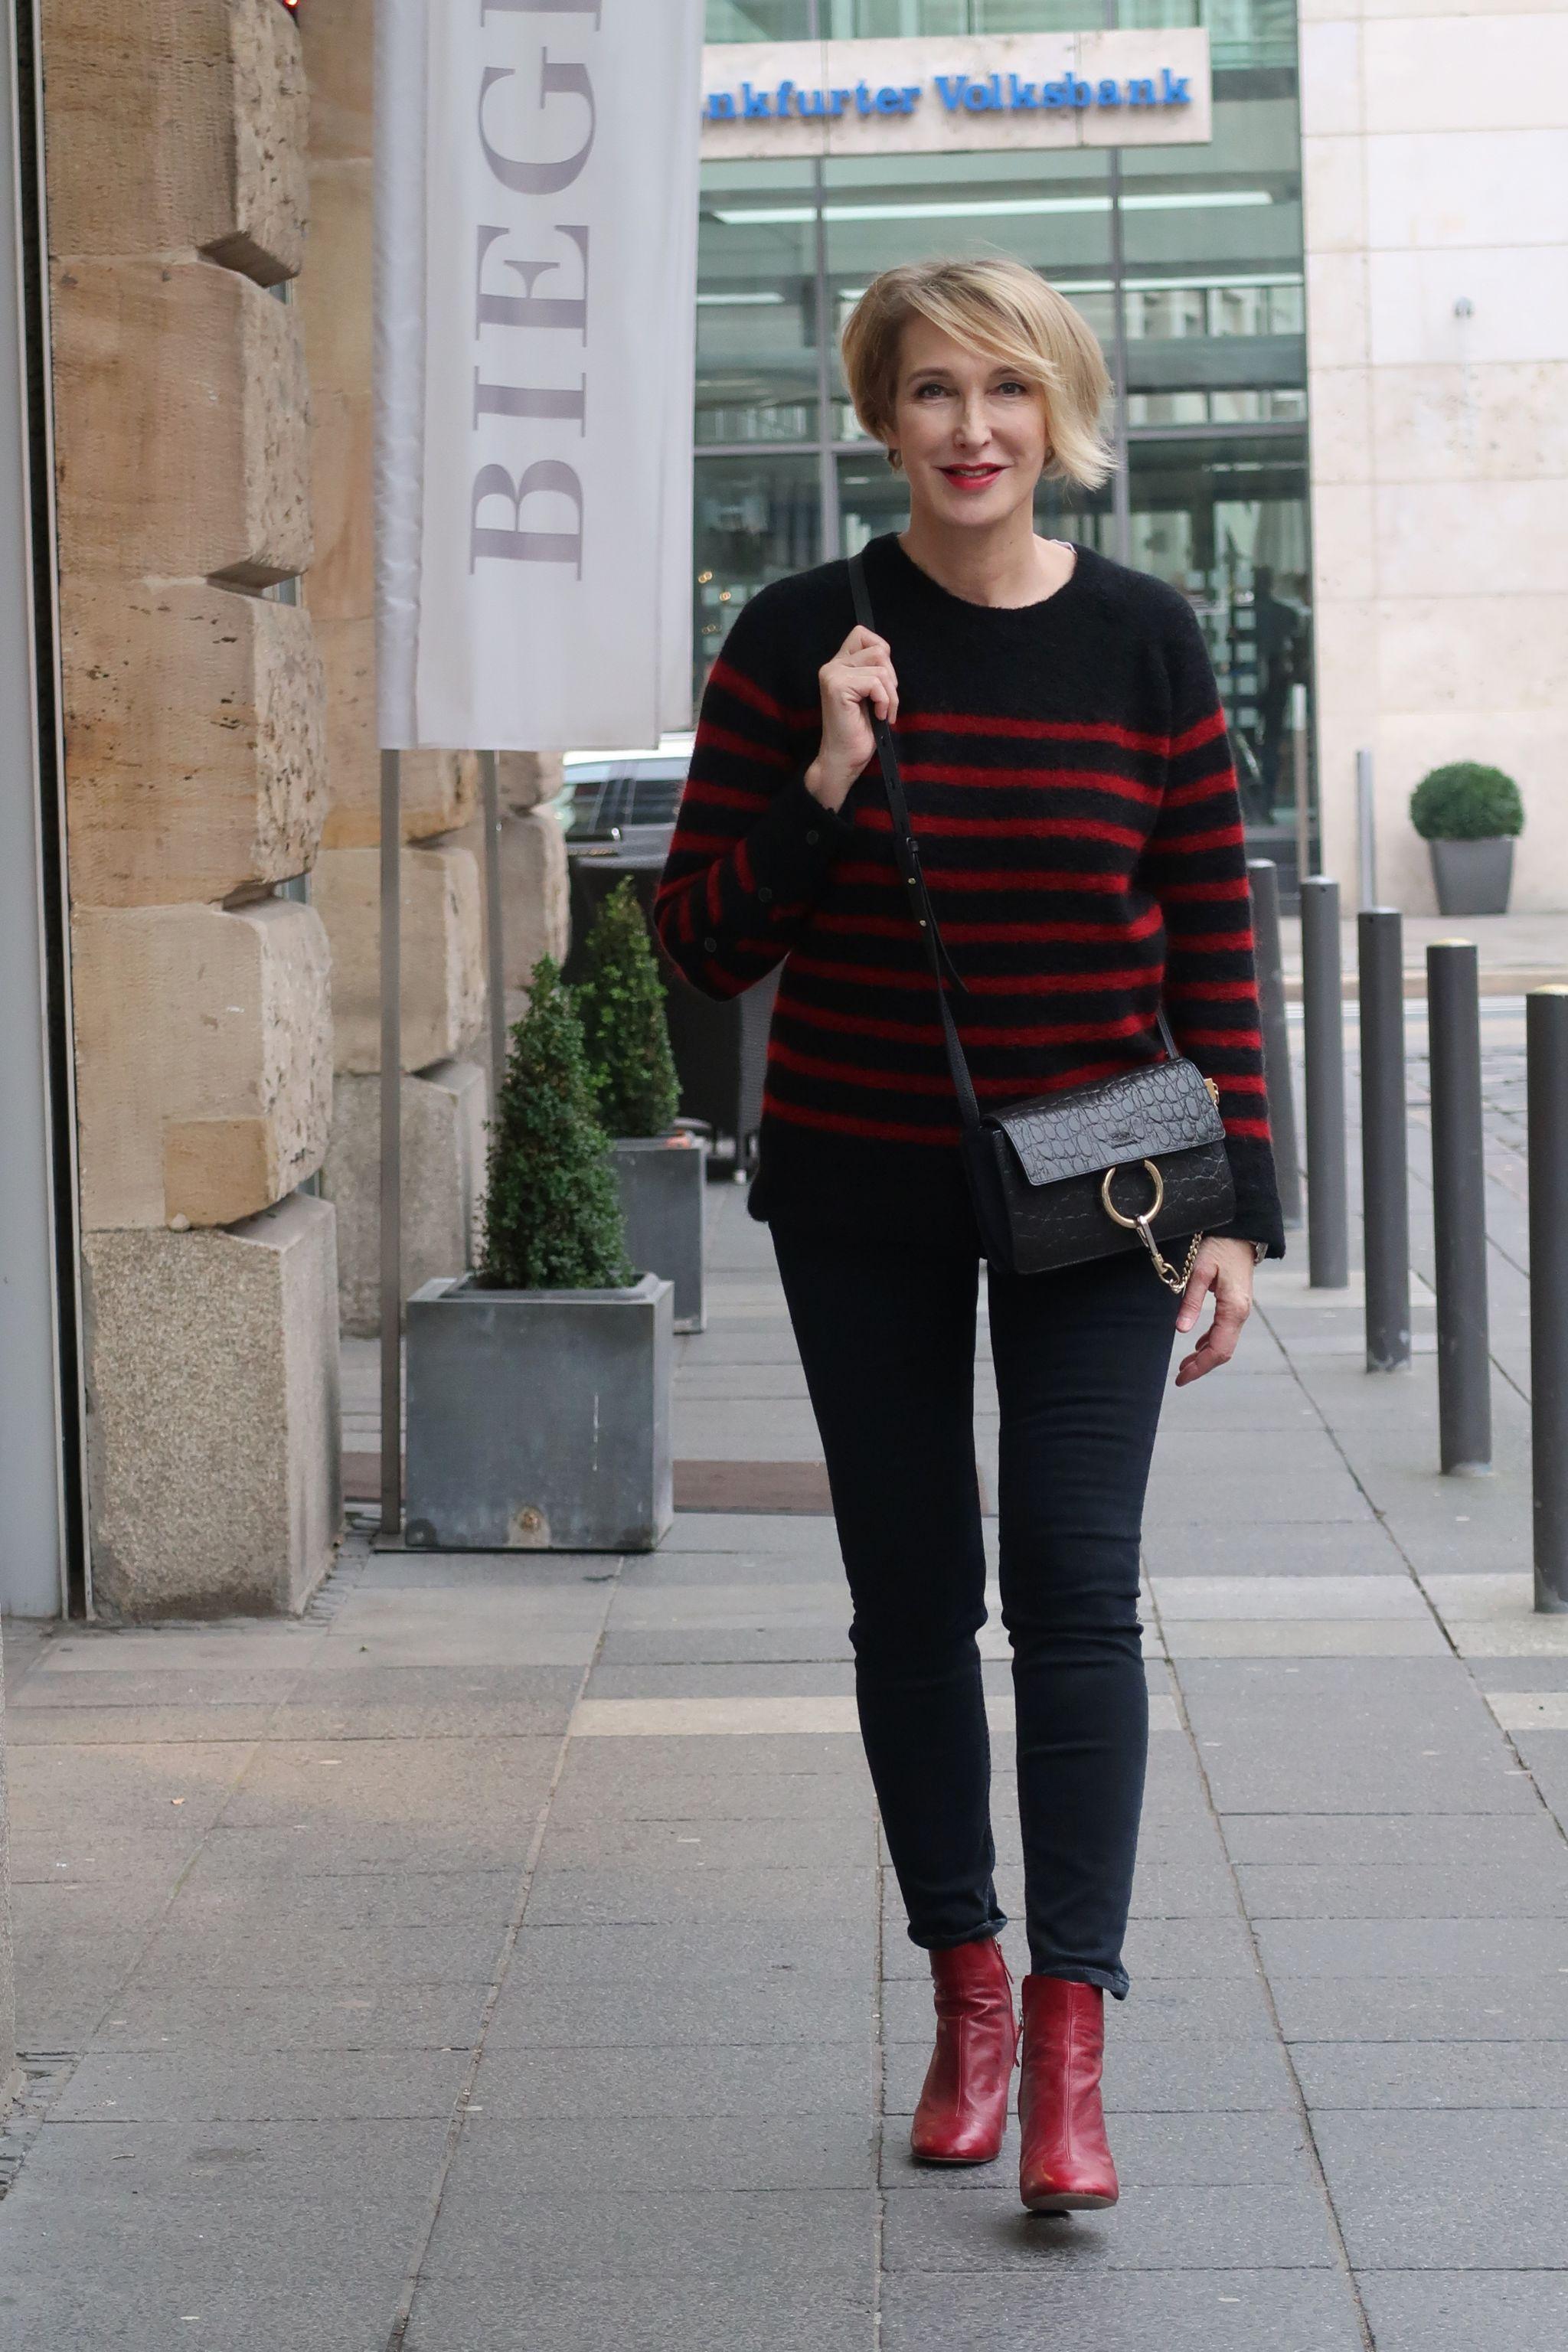 glamupyourlifestyle Streifenpullover Ringelpulli gestreiftes-Shirt Skinny-Jeans rote-Stiefeletten ue40-Mode ue40-Blog